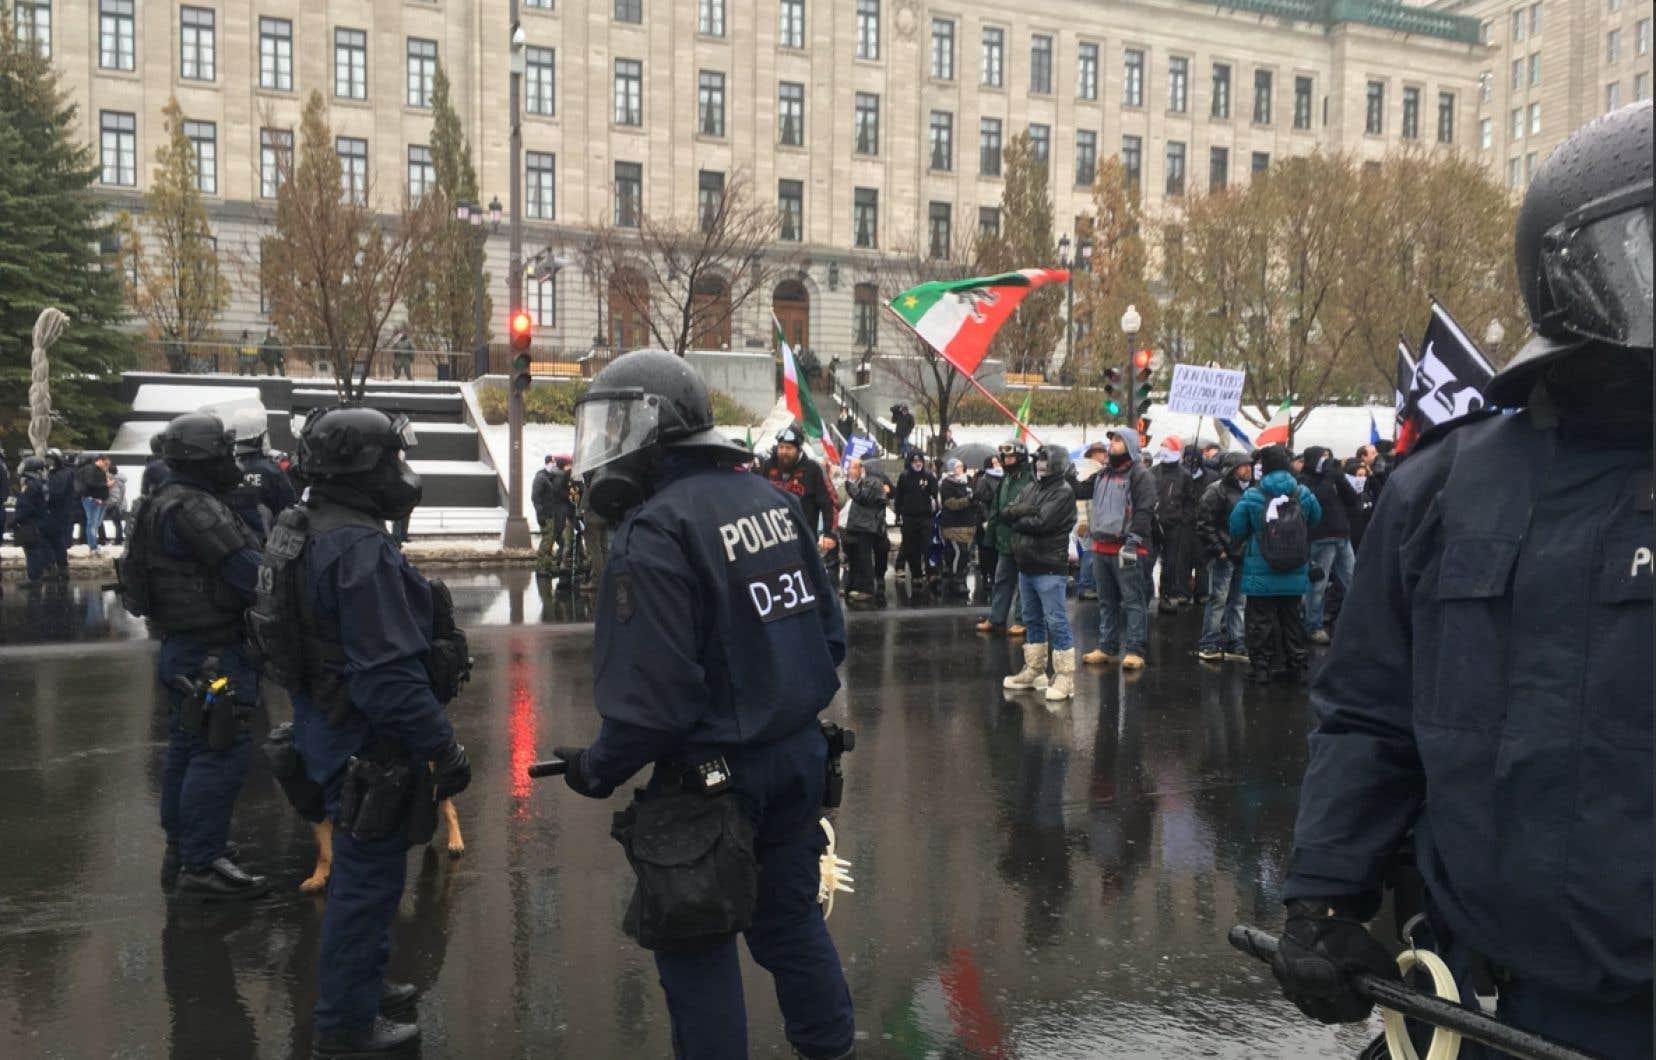 Devant la police de Québec, des manifestants ayant répondu à l'appel de groupes identitaires arboraient des drapeaux du Québec et des patriotes. Certains s'étaient vêtus d'habits de camouflage de type militaire.